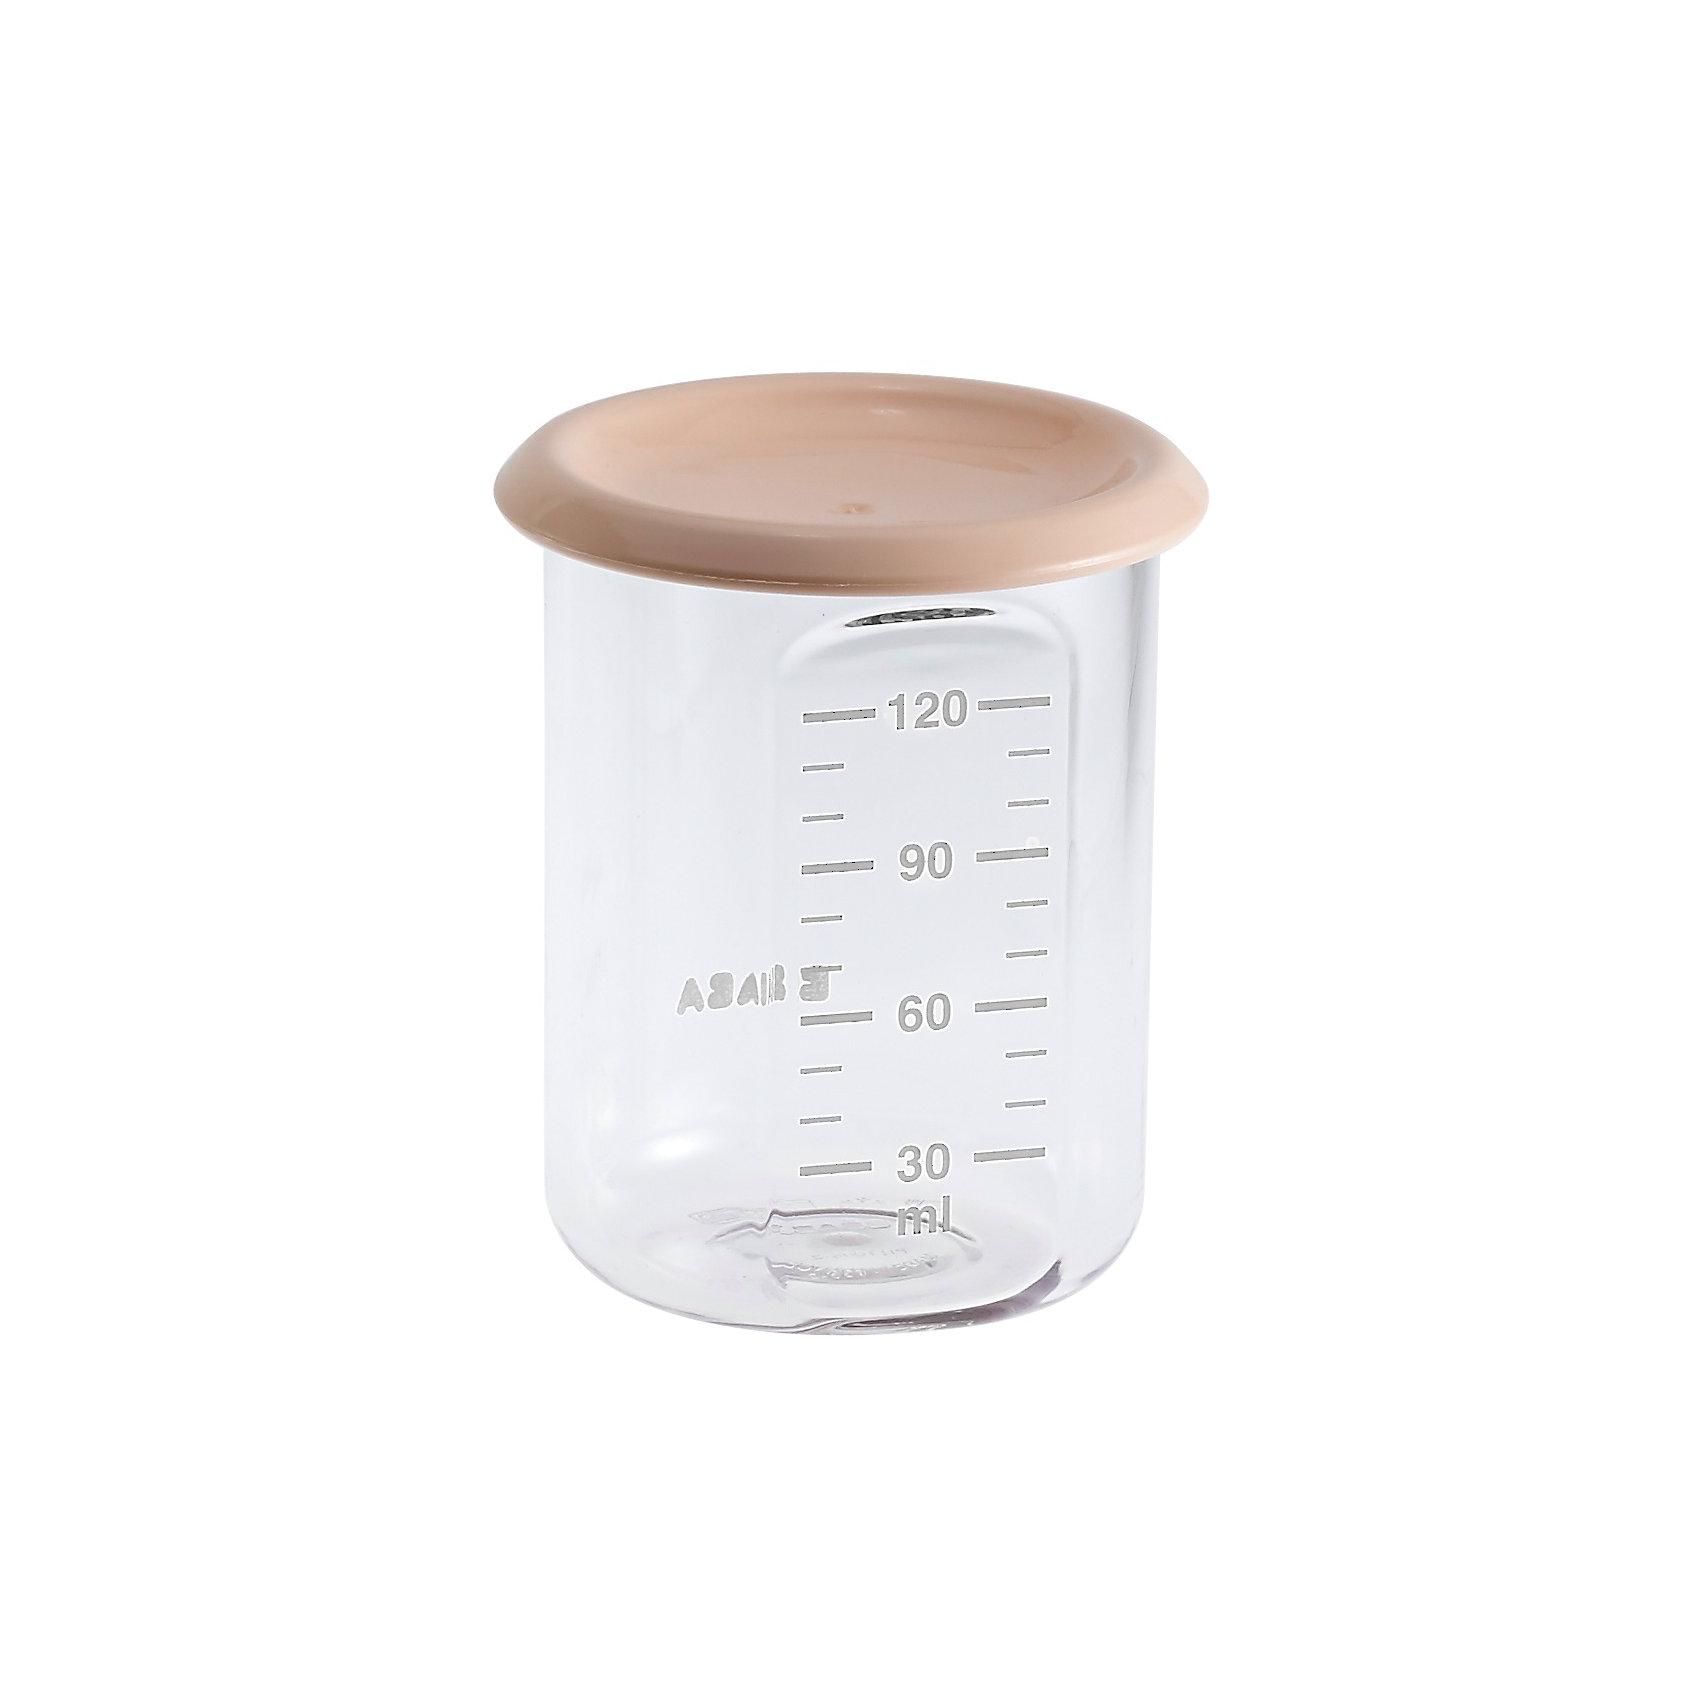 Контейнер для хранения Baby Portion 120мл, Beaba, бежевыйПосуда для малышей<br>Контейнер для хранения Baby Portion 120мл, Beaba (Беаба), бежевый<br><br>Характеристики:<br><br>• герметично закрывается крышкой<br>• удобная мерная шкала<br>• не содержит бисфенол А<br>• можно разогревать в микроволновой печи и мыть в посудомоечной машине<br>• цвет: бежевый<br>• объем: 120 мл<br>• размер: 6х6х7,5 см<br>• вес: 200 грамм<br><br>Контейнер Baby Portion - отличный помощник для родителей. Крышка контейнера плотно закрывается для надежного хранения пищевых продуктов. Контейнер можно мыть в посудомоечной машине, использовать для заморозки продуктов и разогревать в микроволновой печи. Удобная мерная шкала поможет вам отмерить необходимое количество продукта. Не содержит бисфенол А.<br><br>Контейнер для хранения Baby Portion 120мл, Beaba (Беаба), бежевый можно купить в нашем интернет-магазине.<br><br>Ширина мм: 62<br>Глубина мм: 62<br>Высота мм: 81<br>Вес г: 50<br>Возраст от месяцев: 4<br>Возраст до месяцев: 2147483647<br>Пол: Унисекс<br>Возраст: Детский<br>SKU: 5445714